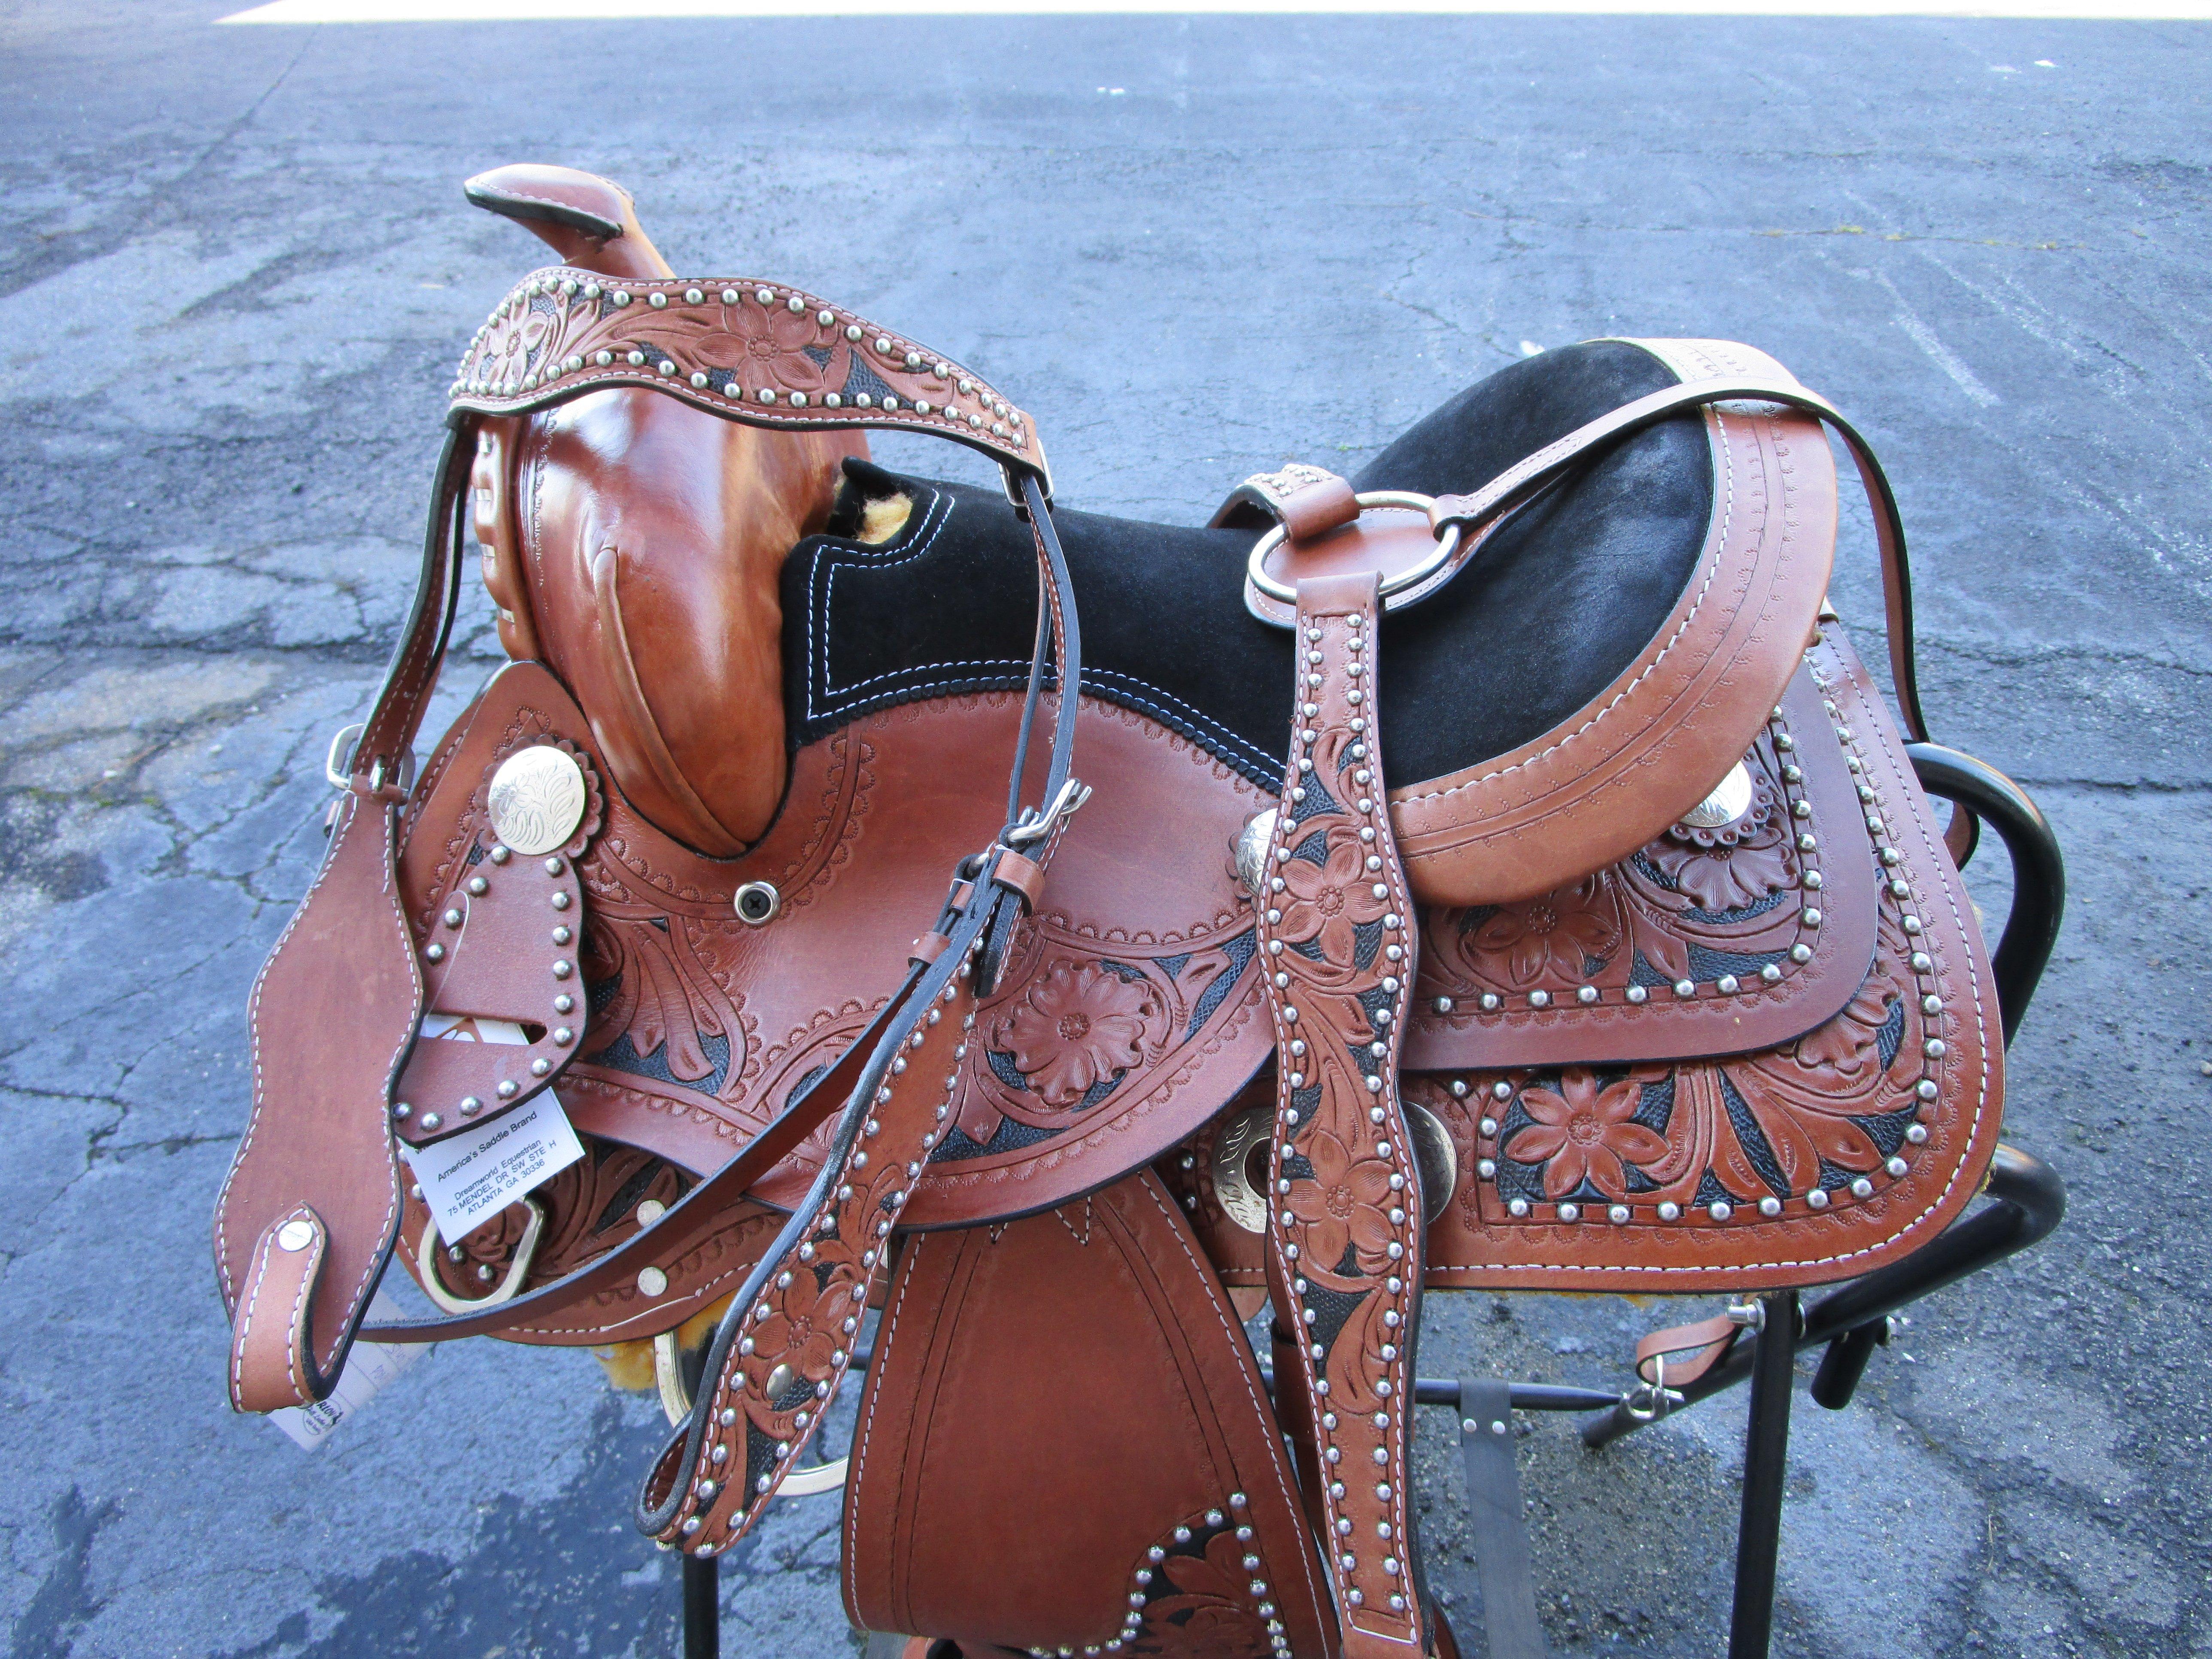 12 13 Show Pony Kids Youth Barrel Leather Western Horse Saddle Saddle Western Barrel Pleasure Western Horse Saddles Western Saddles For Sale Horse Saddles